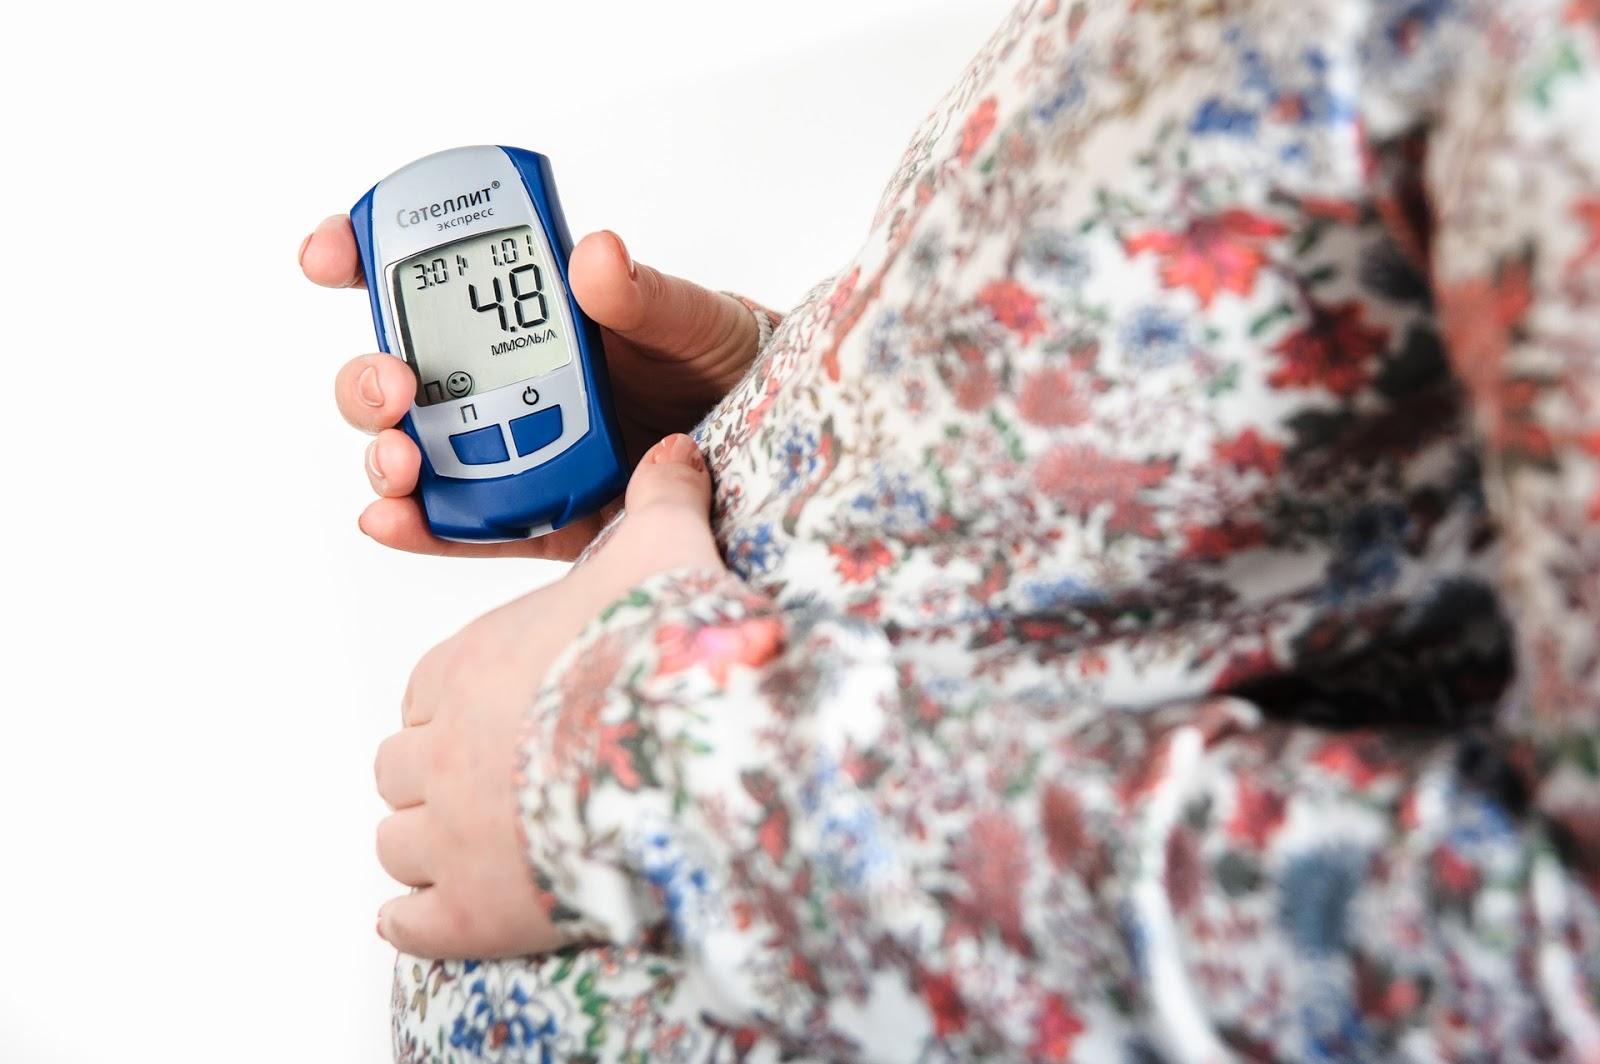 بالصور اعراض سكر الحمل , ما هي اعراض سكر الحمل 2856 2